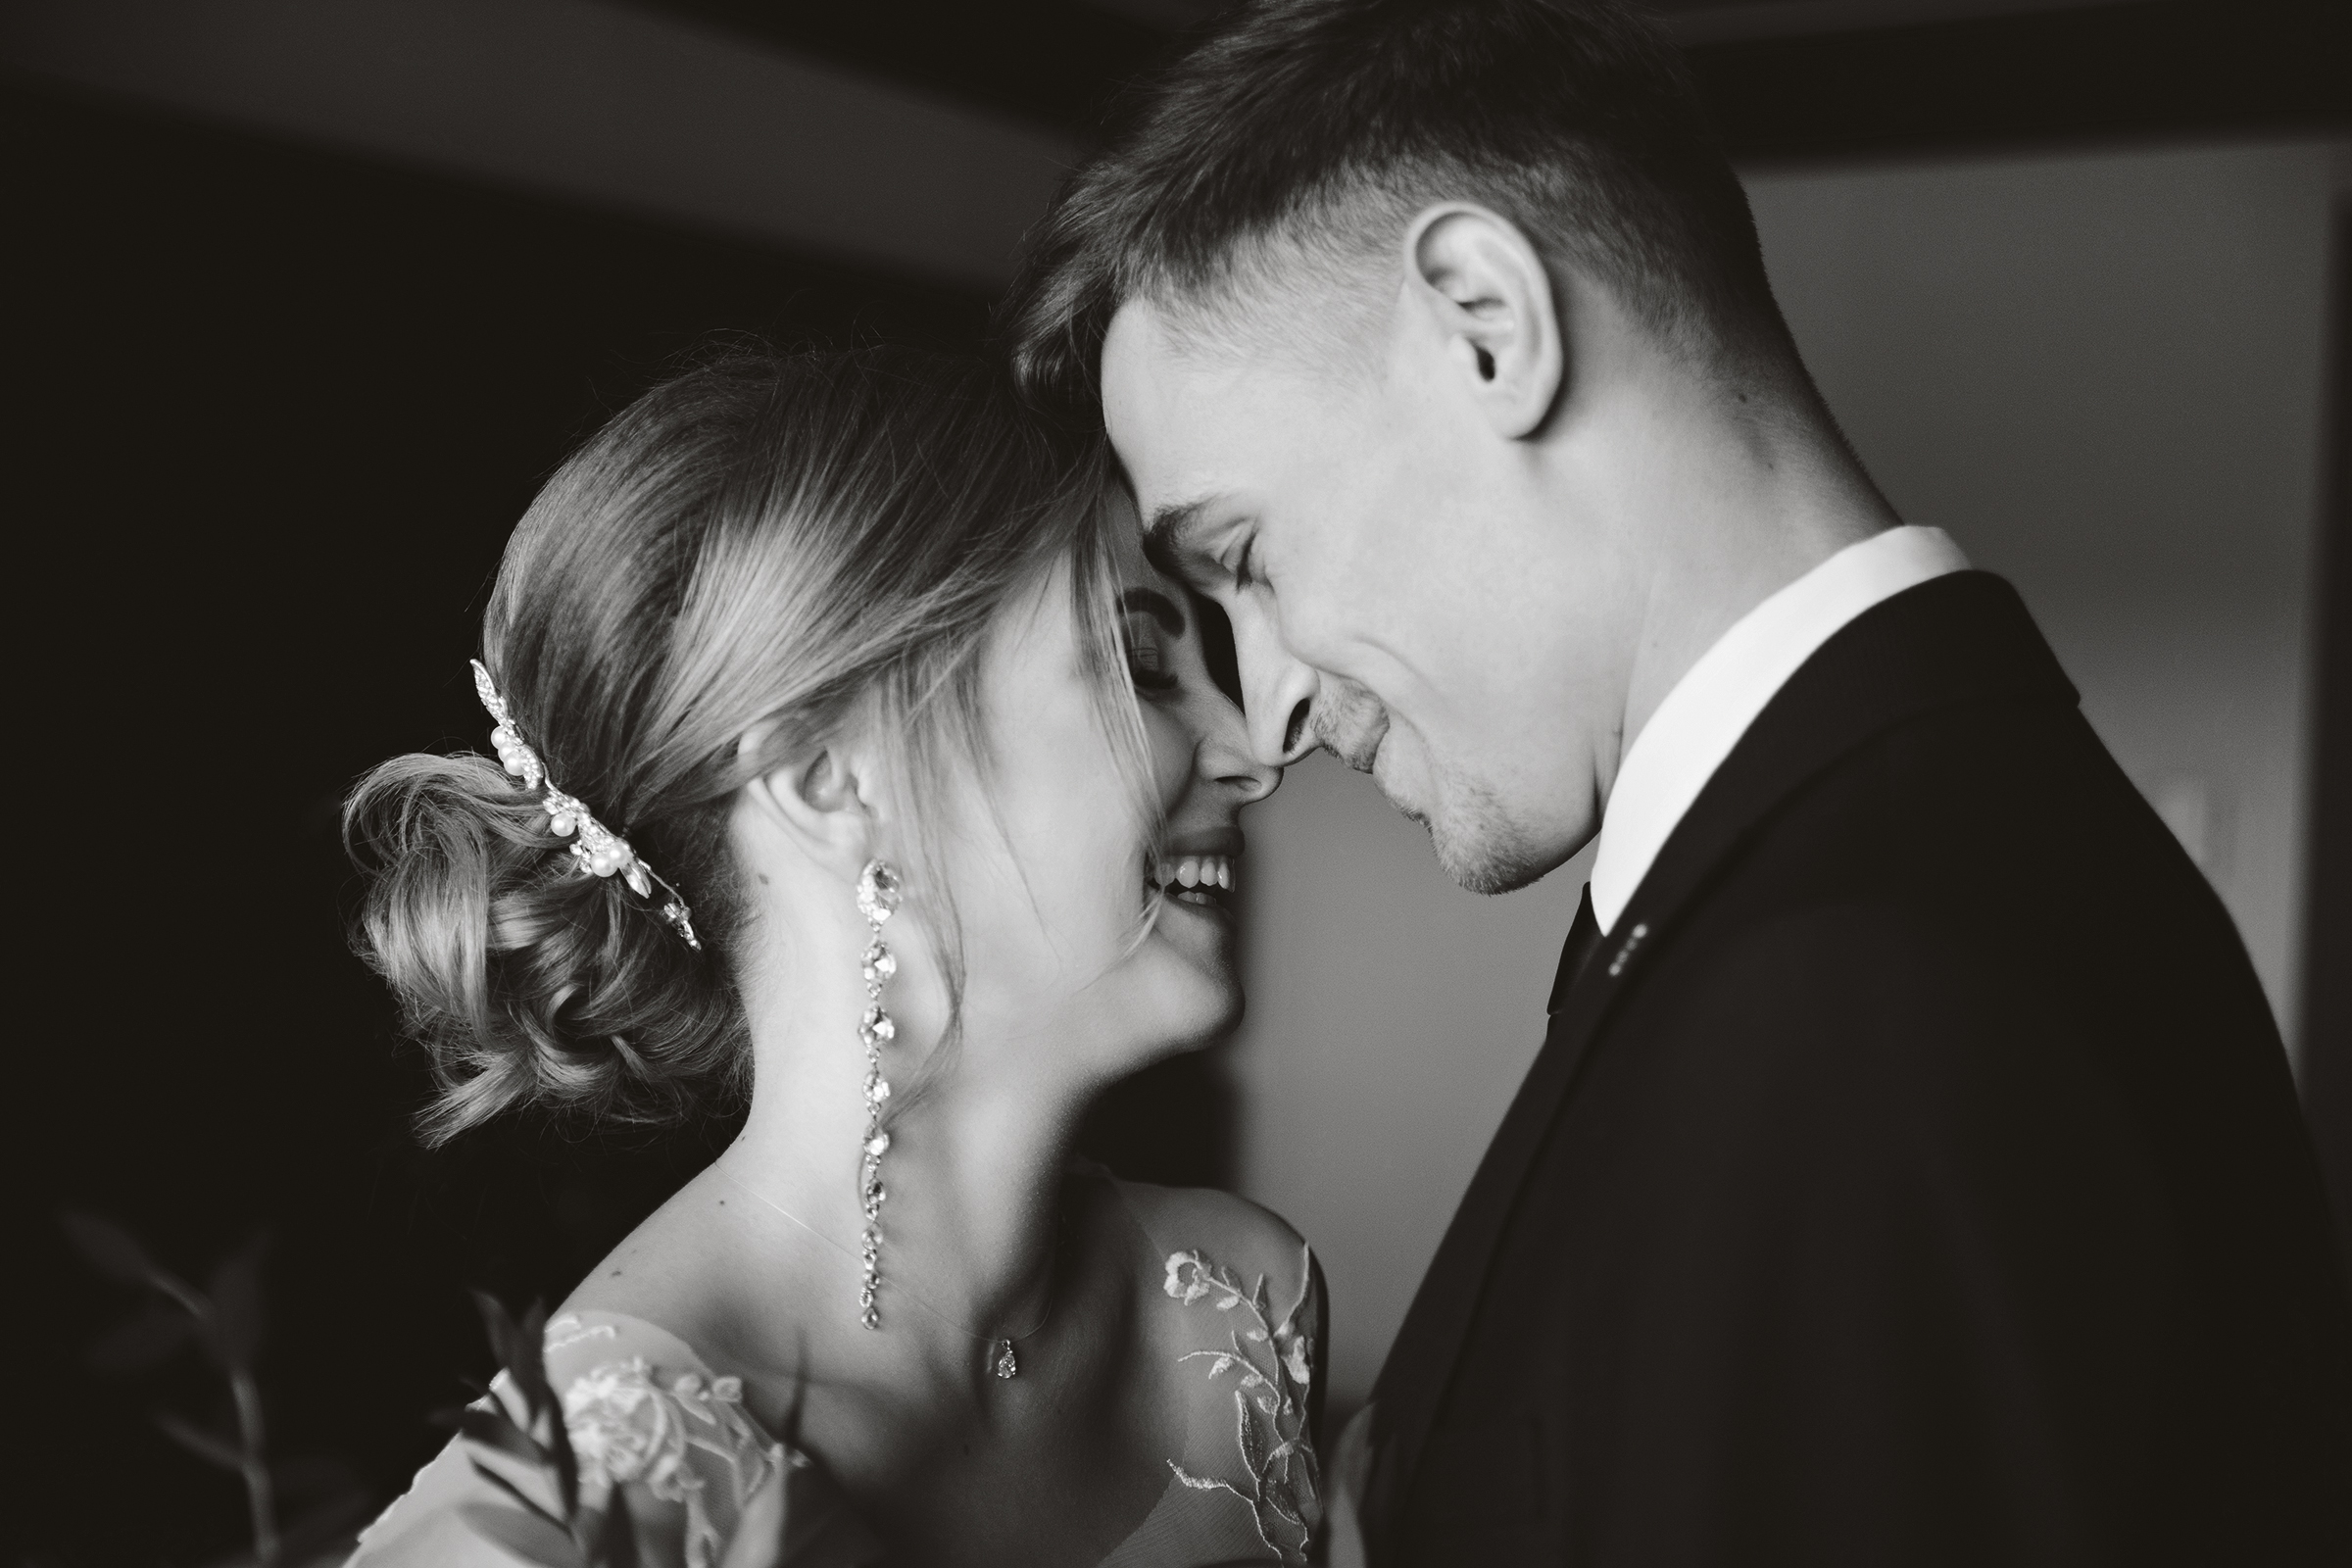 свадебная флористика киев, свадебные фотографии, свадебный фотограф киев, фотограф на свадьбу, вышгород, места для фотосессии киев, васильков, Арт-готель Баккара